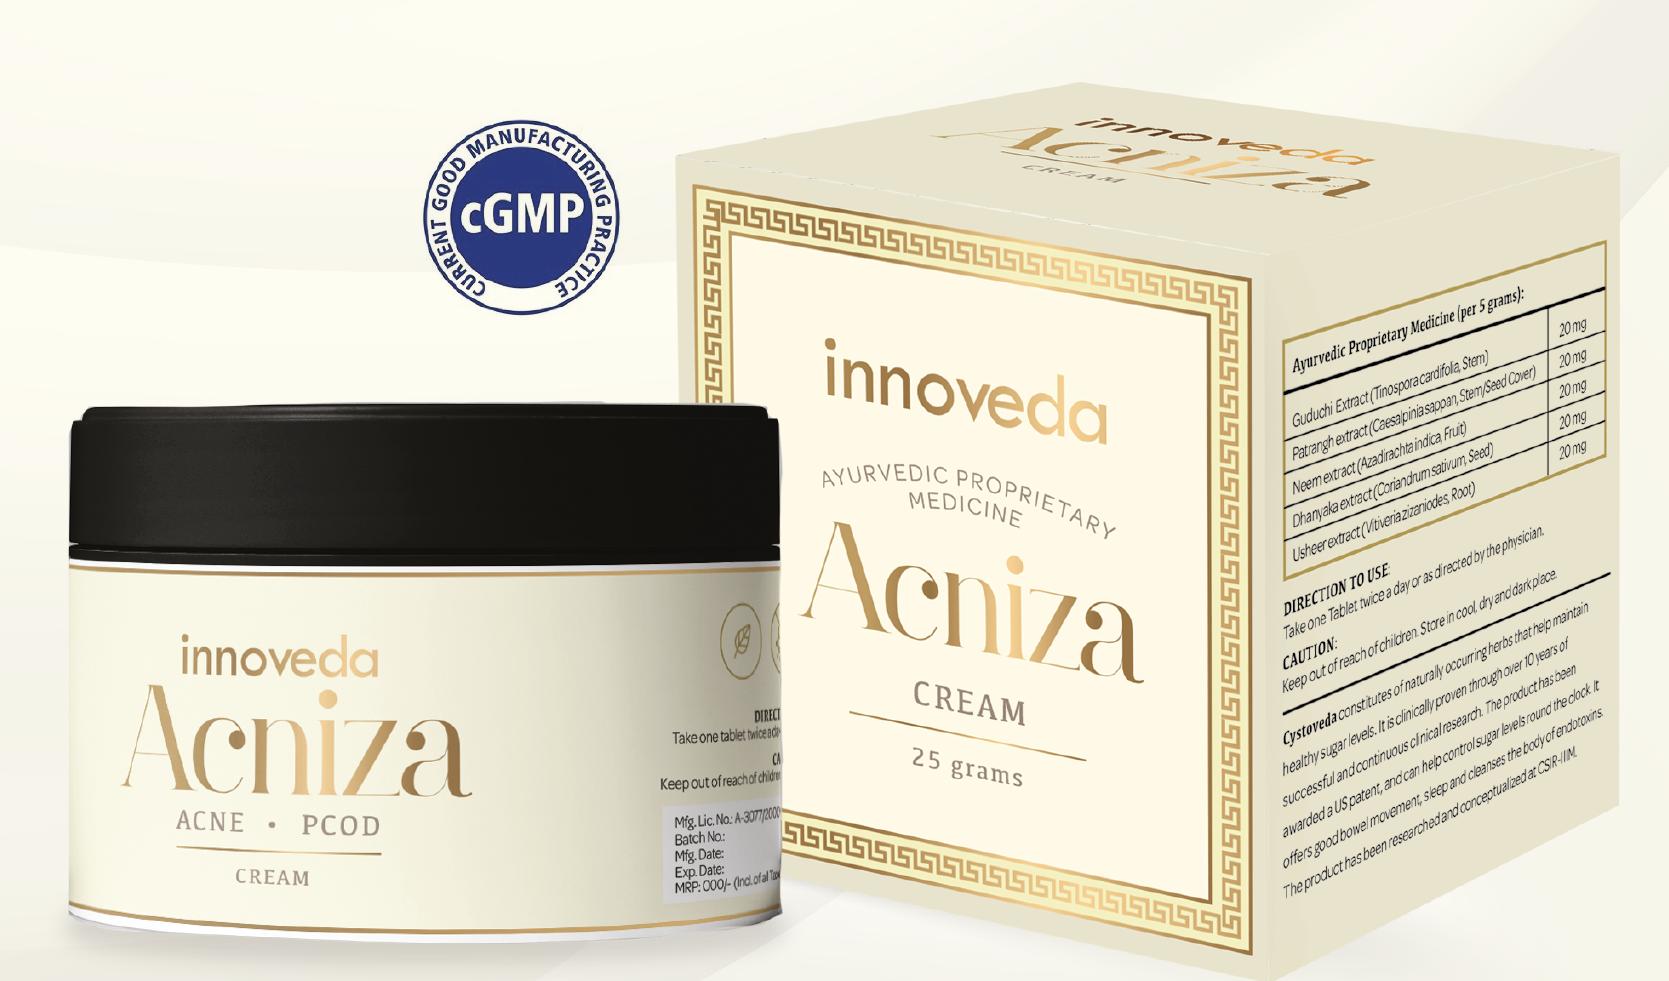 Acniza Cream